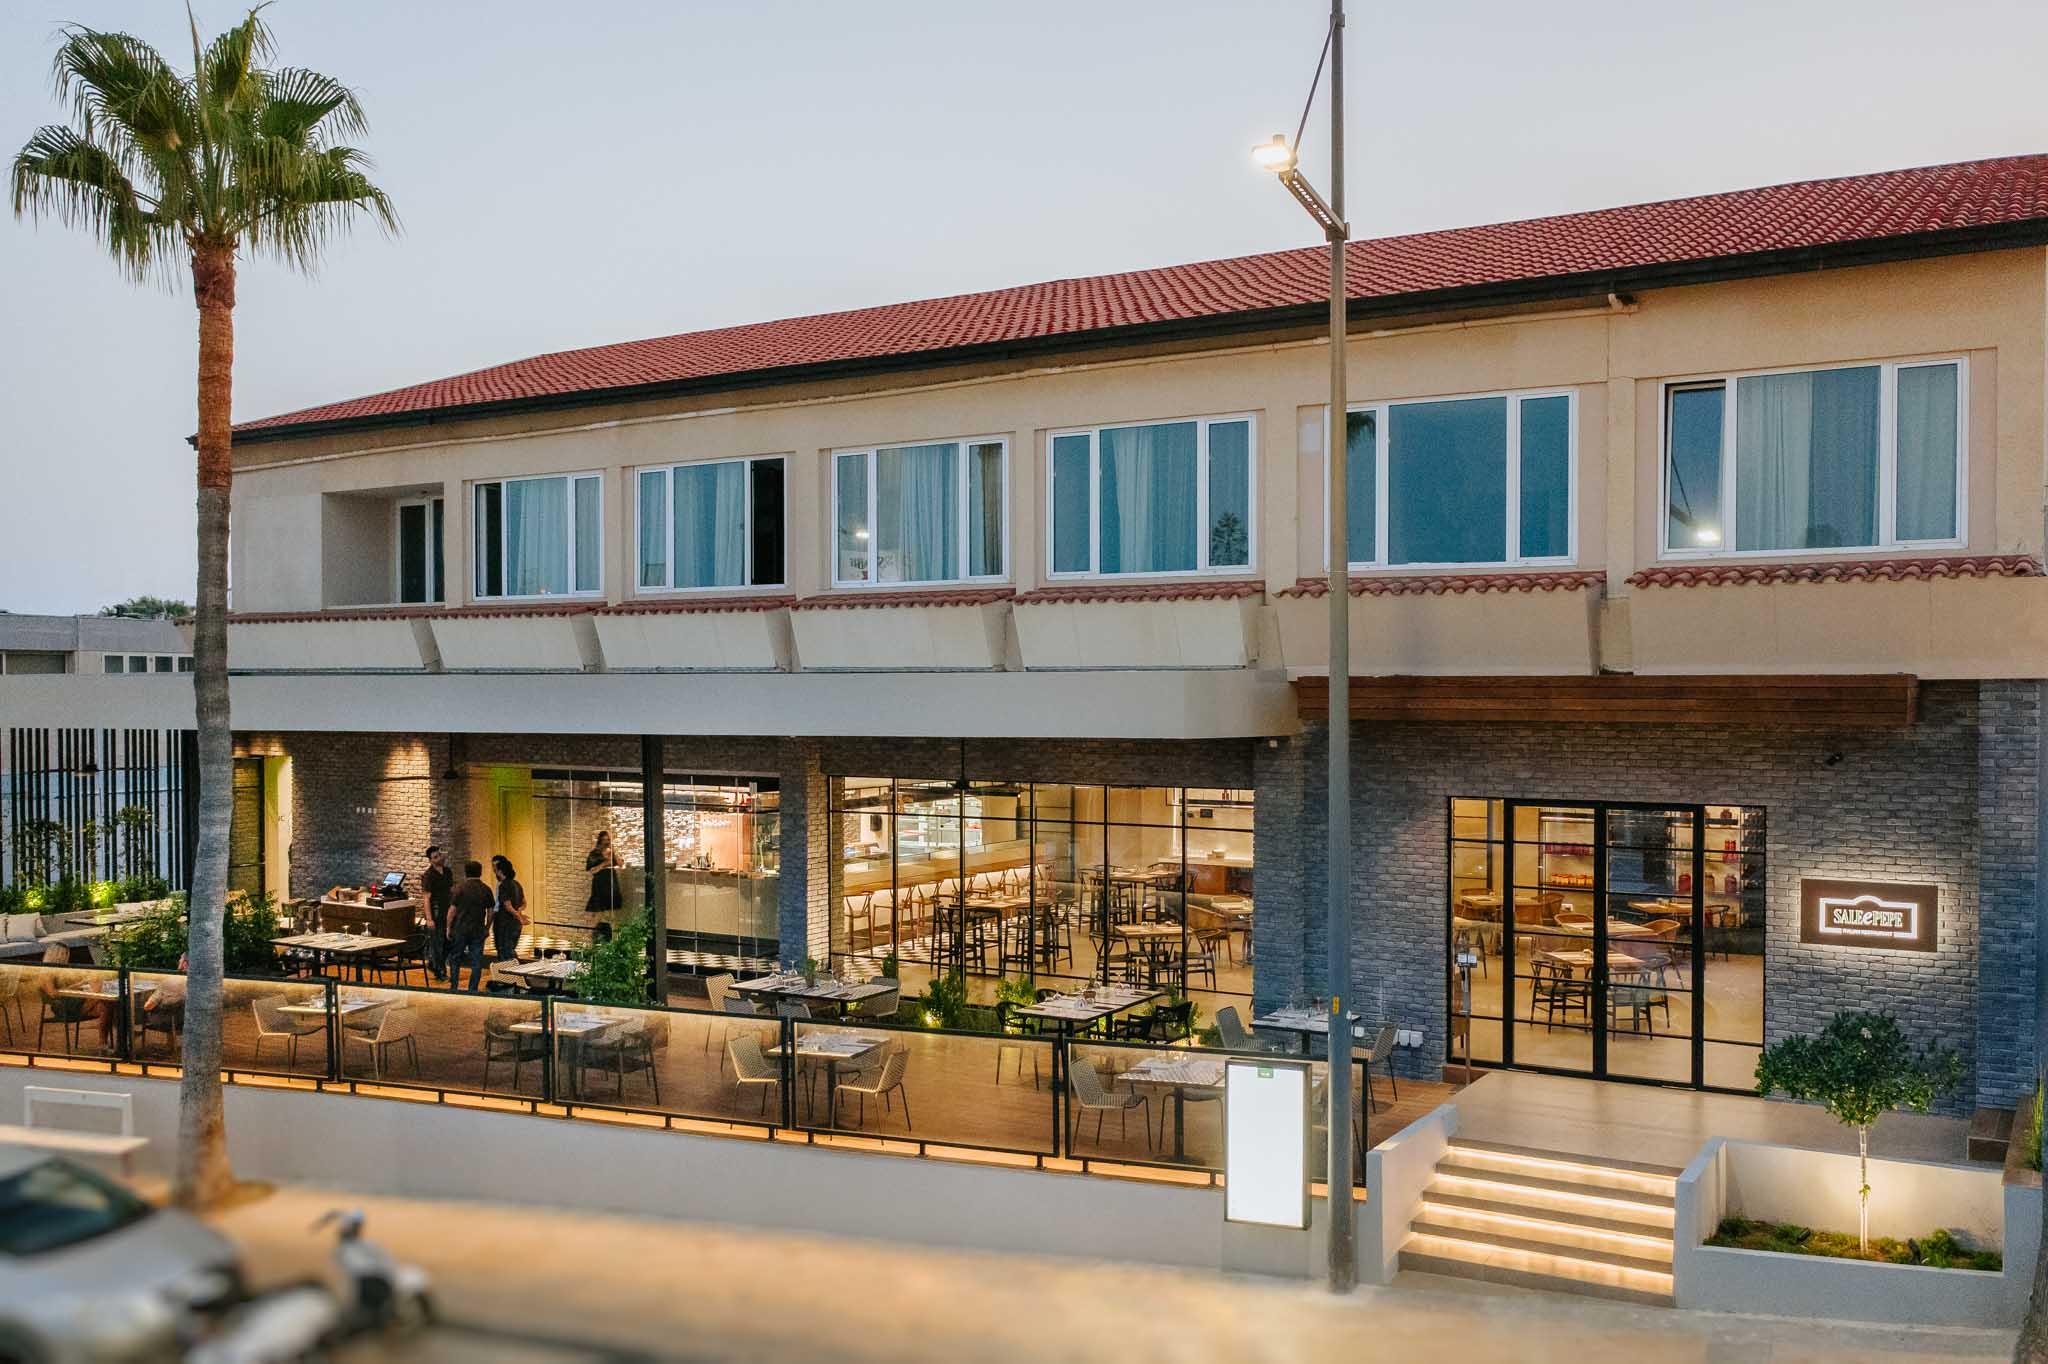 Napa-Plaza-restaurants-526